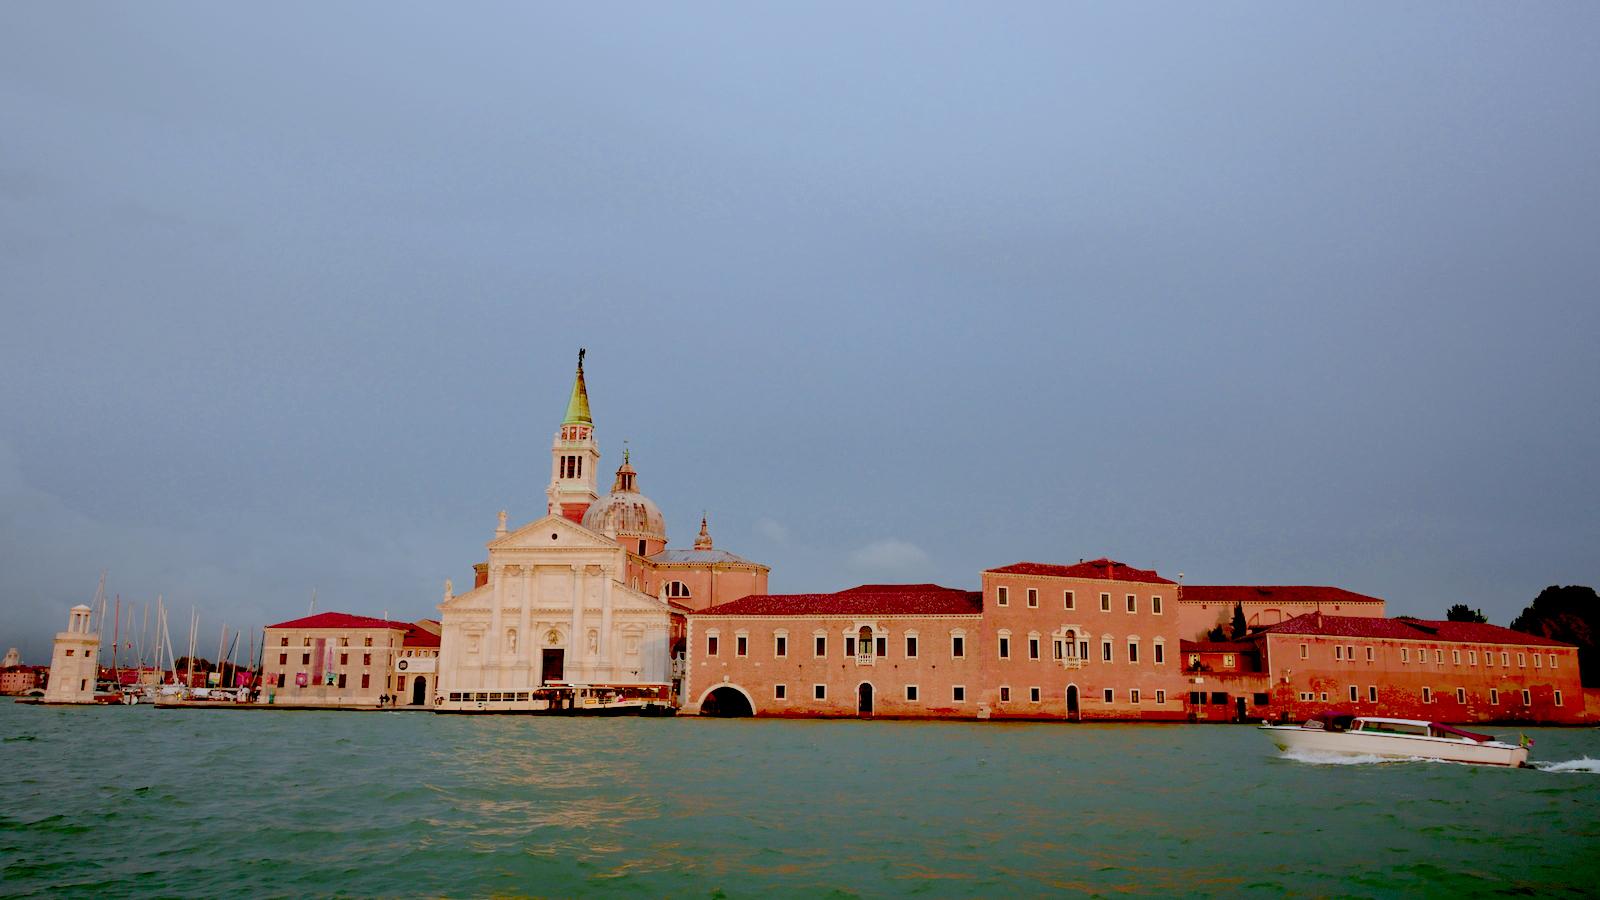 JW_Marriott_Venedig_8